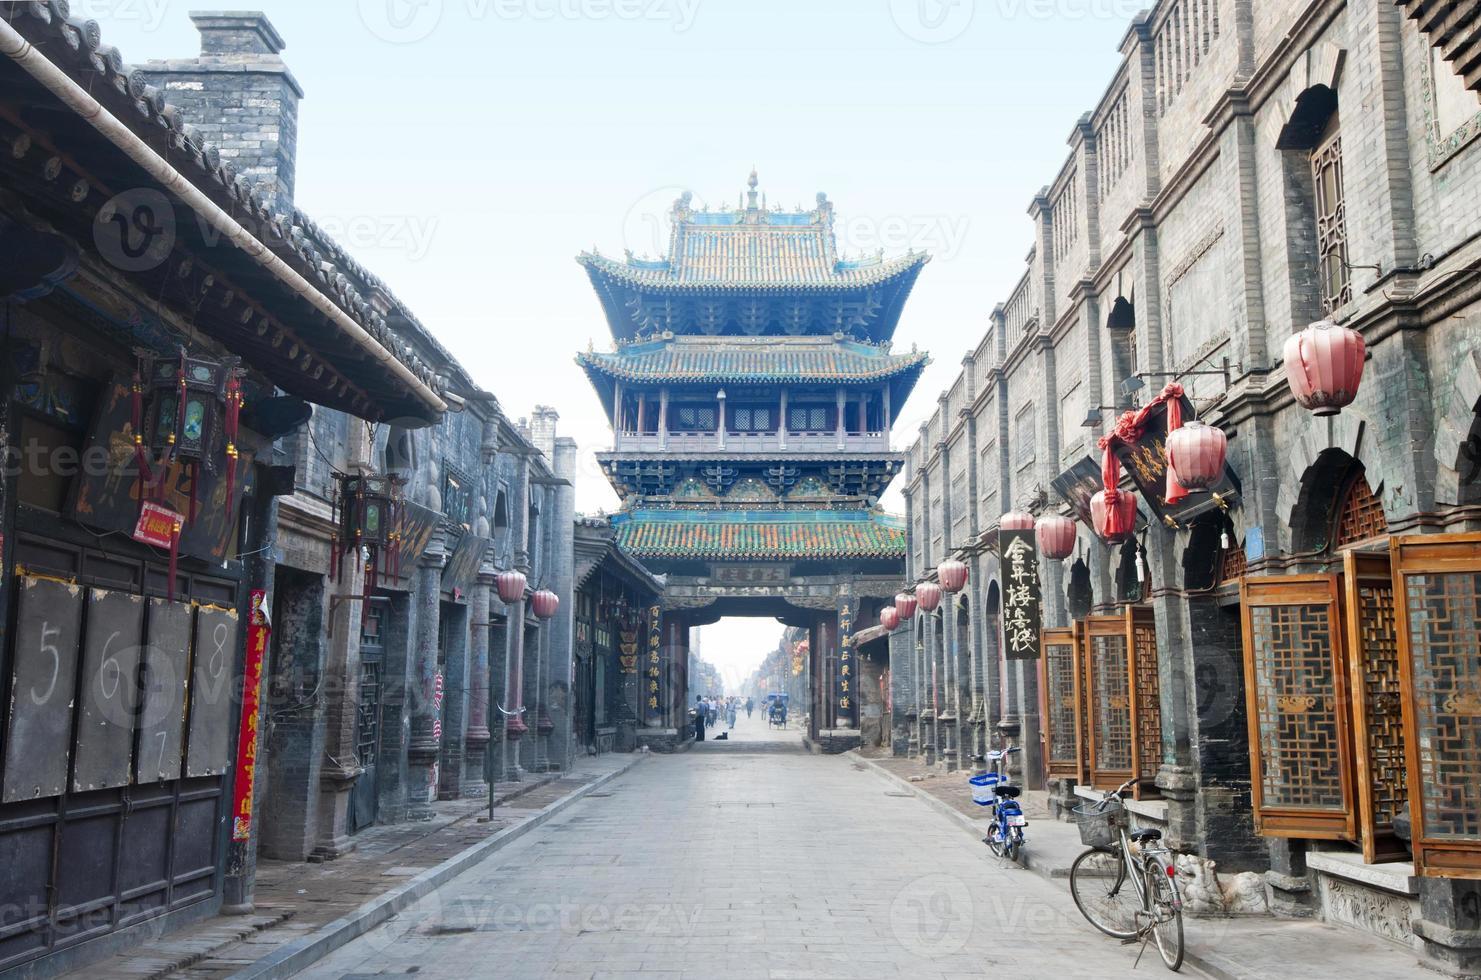 ville chinoise historique (vieille ville de pingyao, Chine) photo